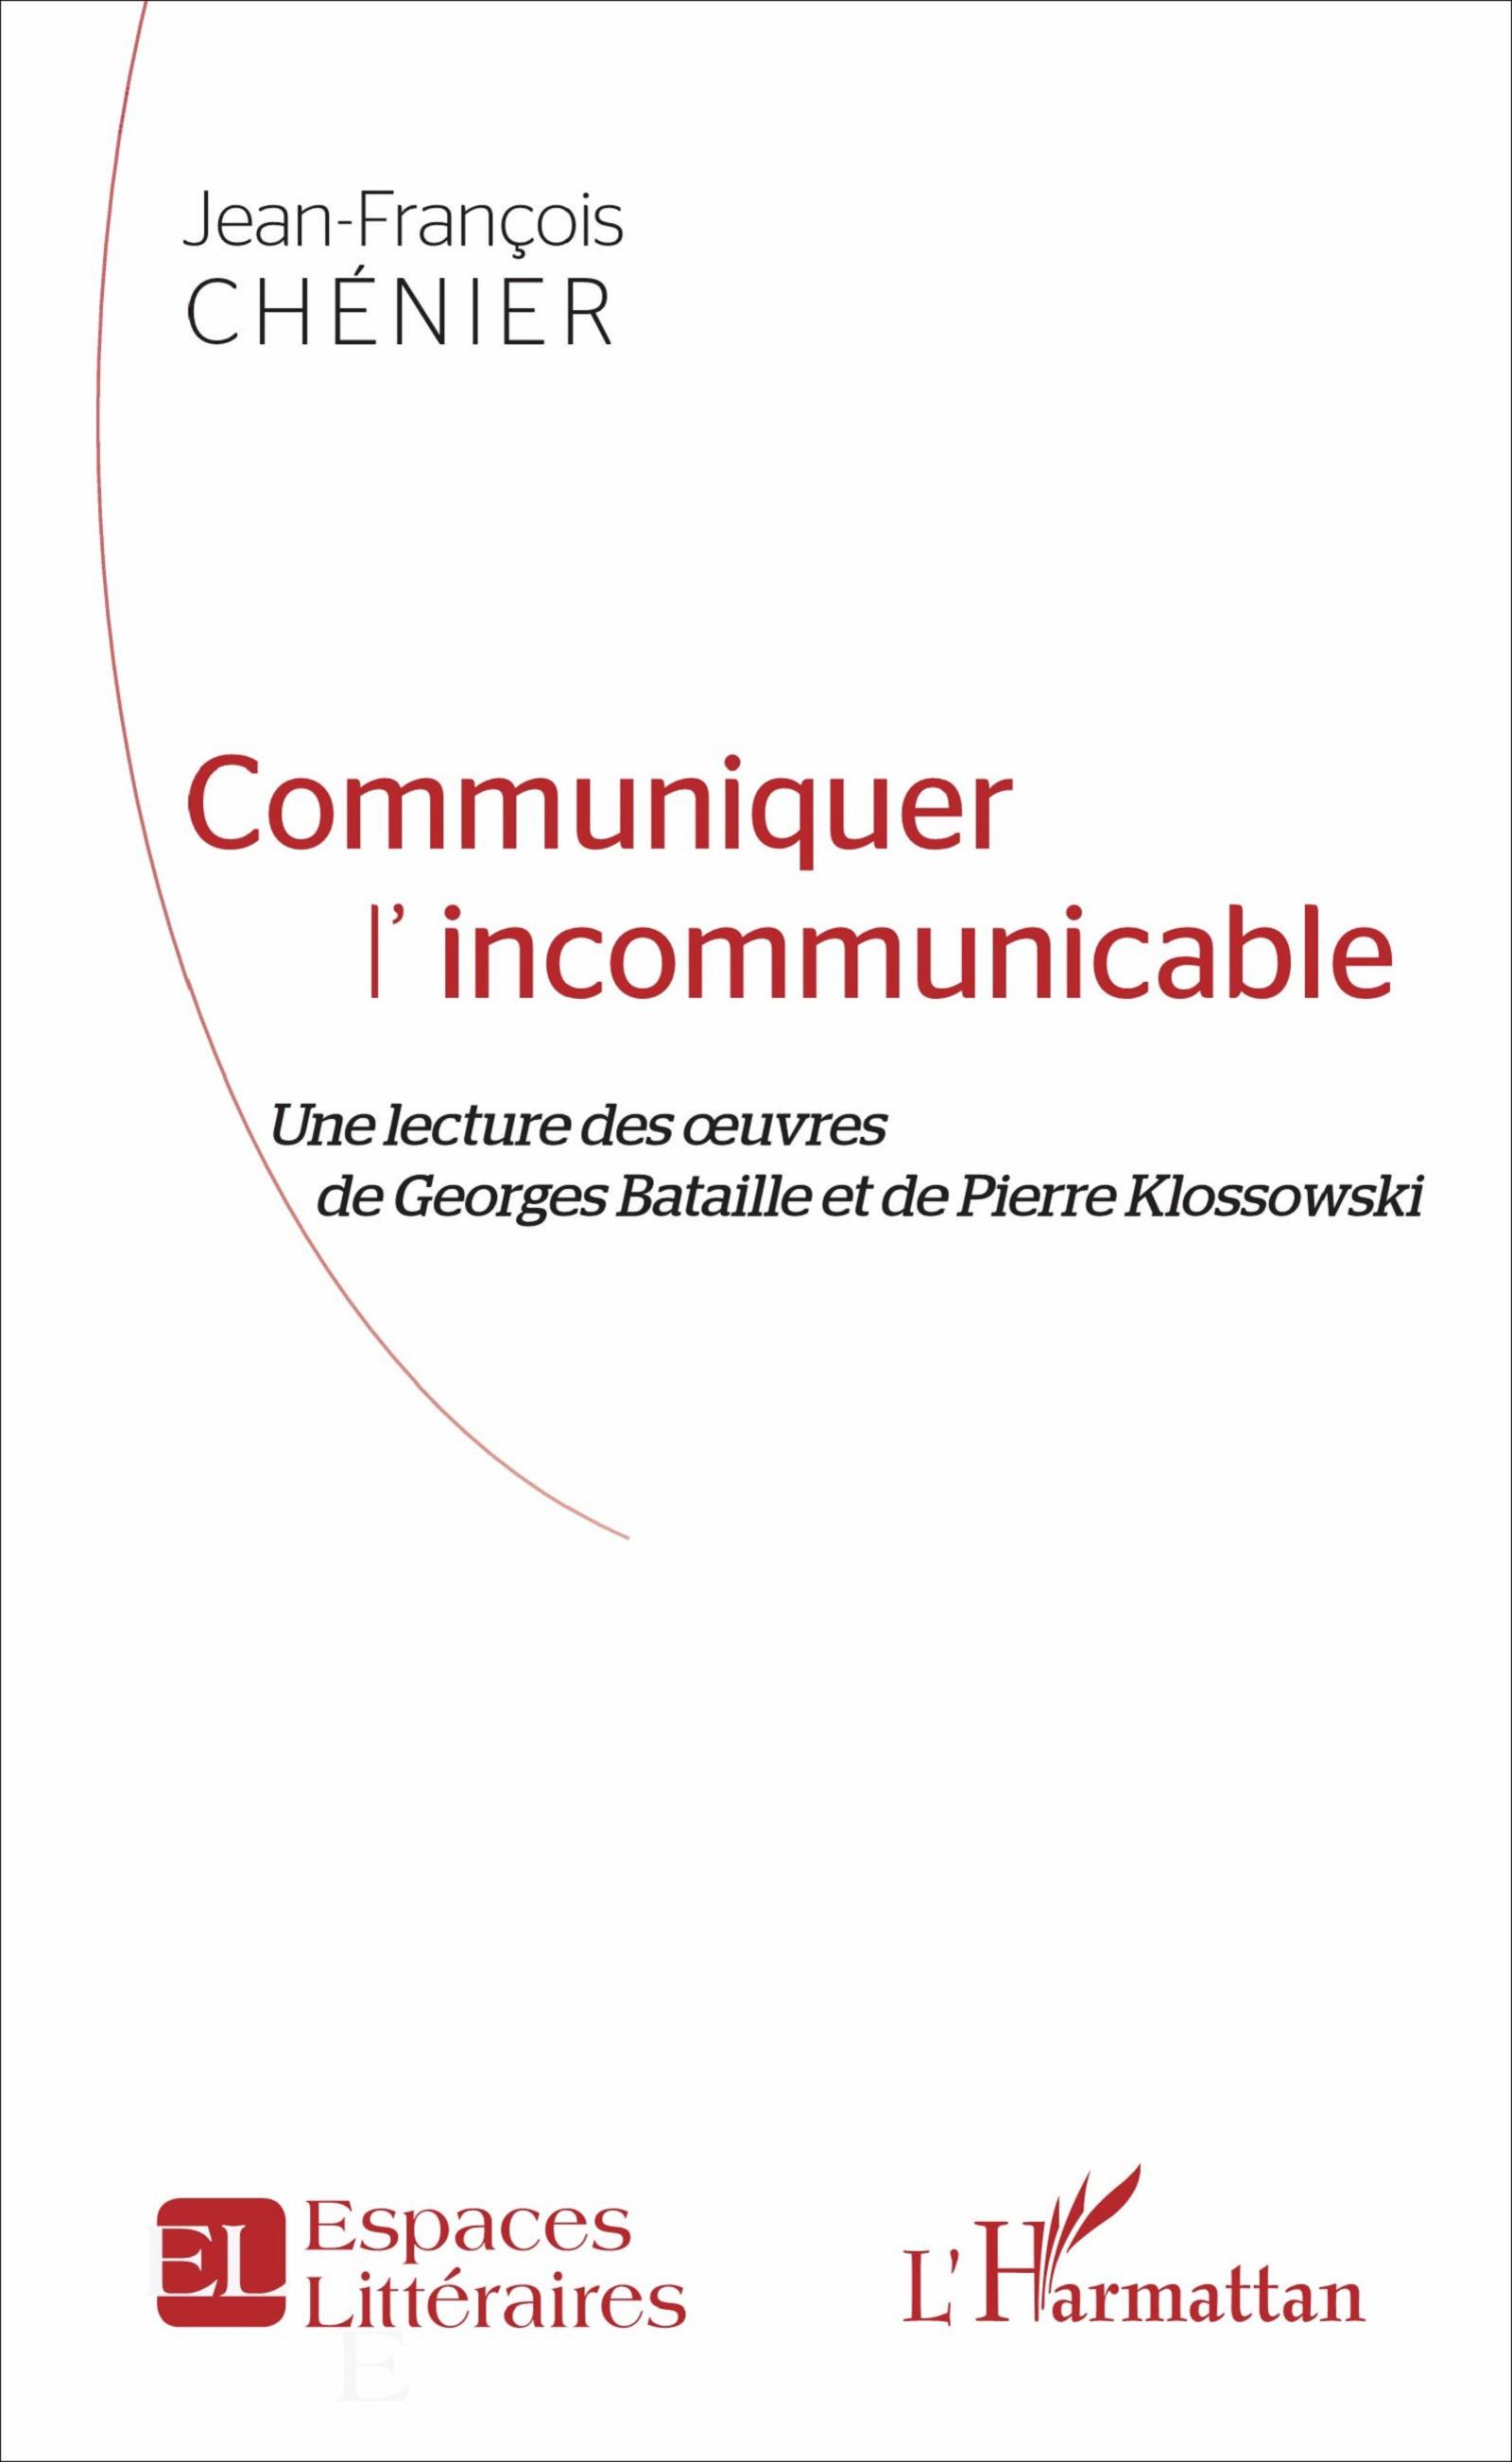 J.-F. Chénier, Communiquer l'incommunicable - Une lecture des oeuvres de Georges Bataille et de Pierre Klossowski